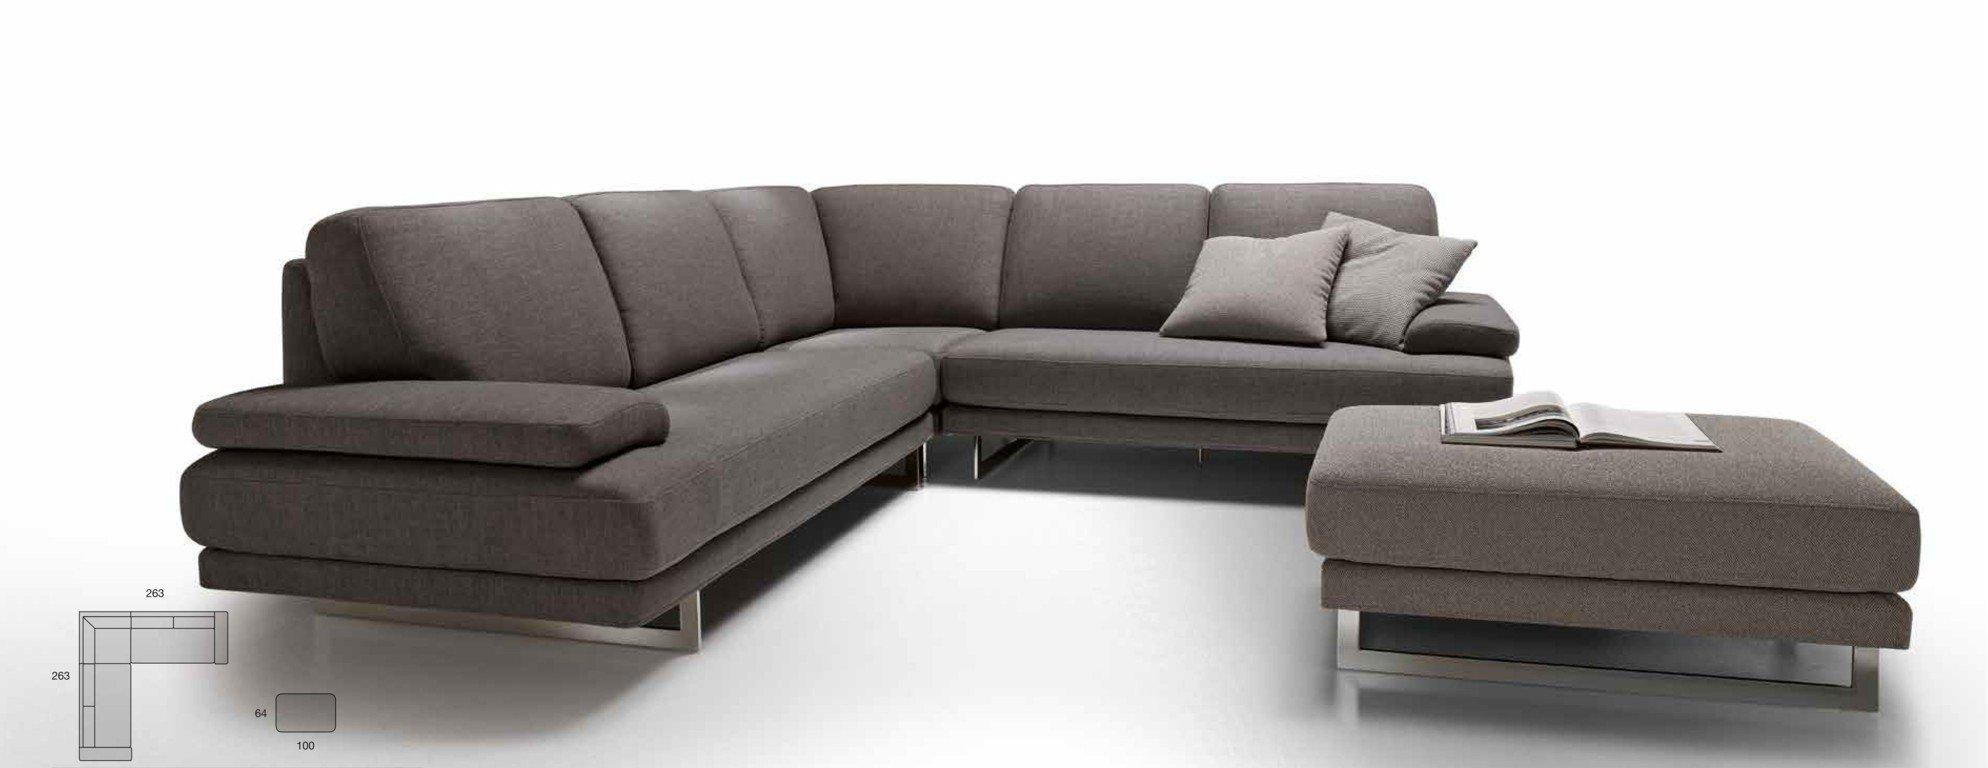 Divano grigio da soggiorno ad angolo